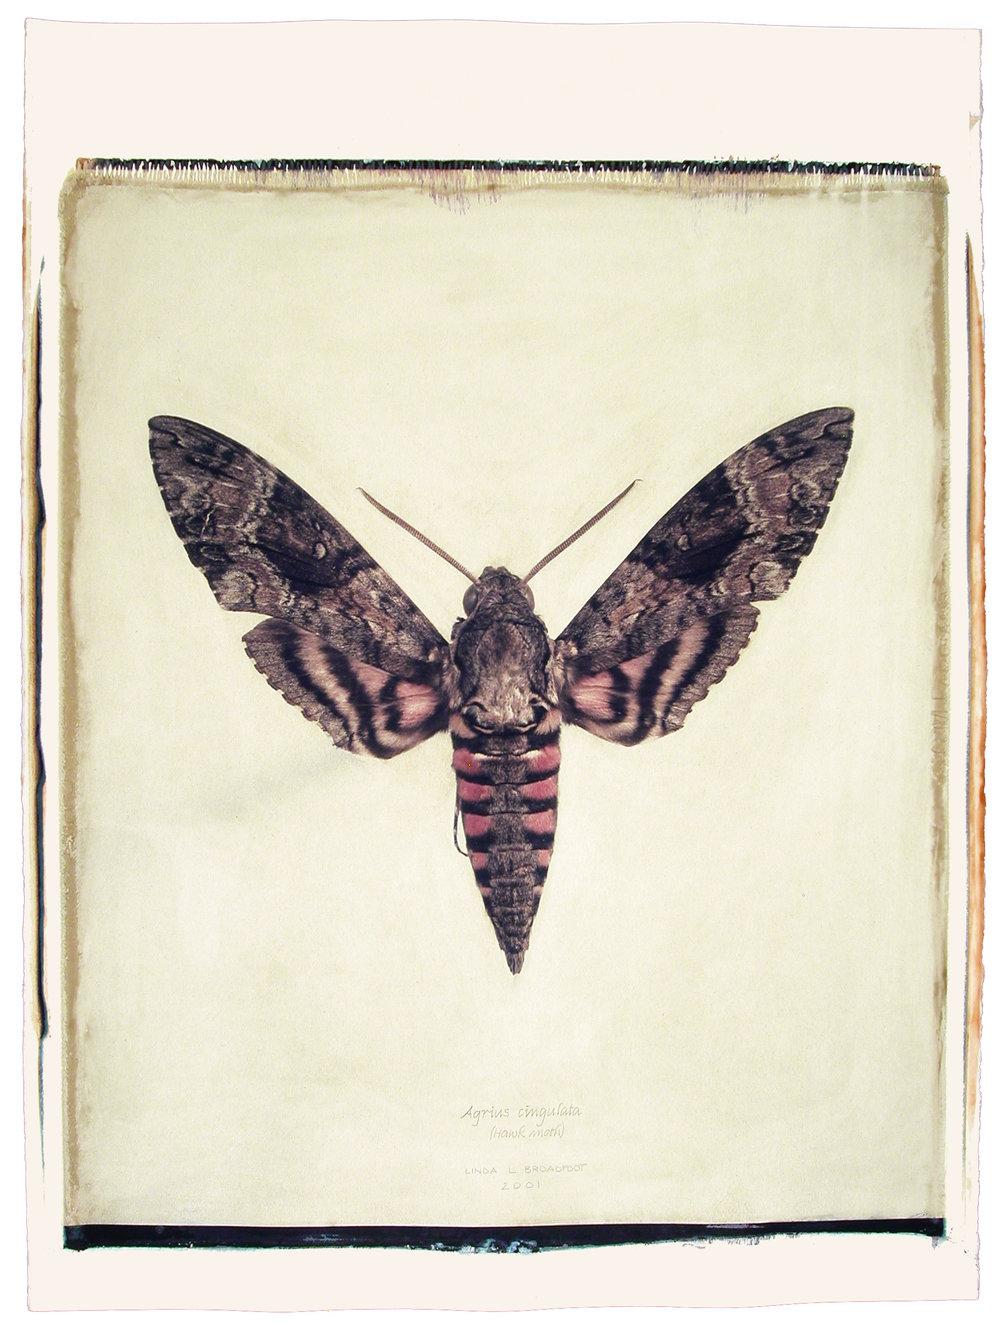 Agrius cingulata  (Hawk Moth), 2001